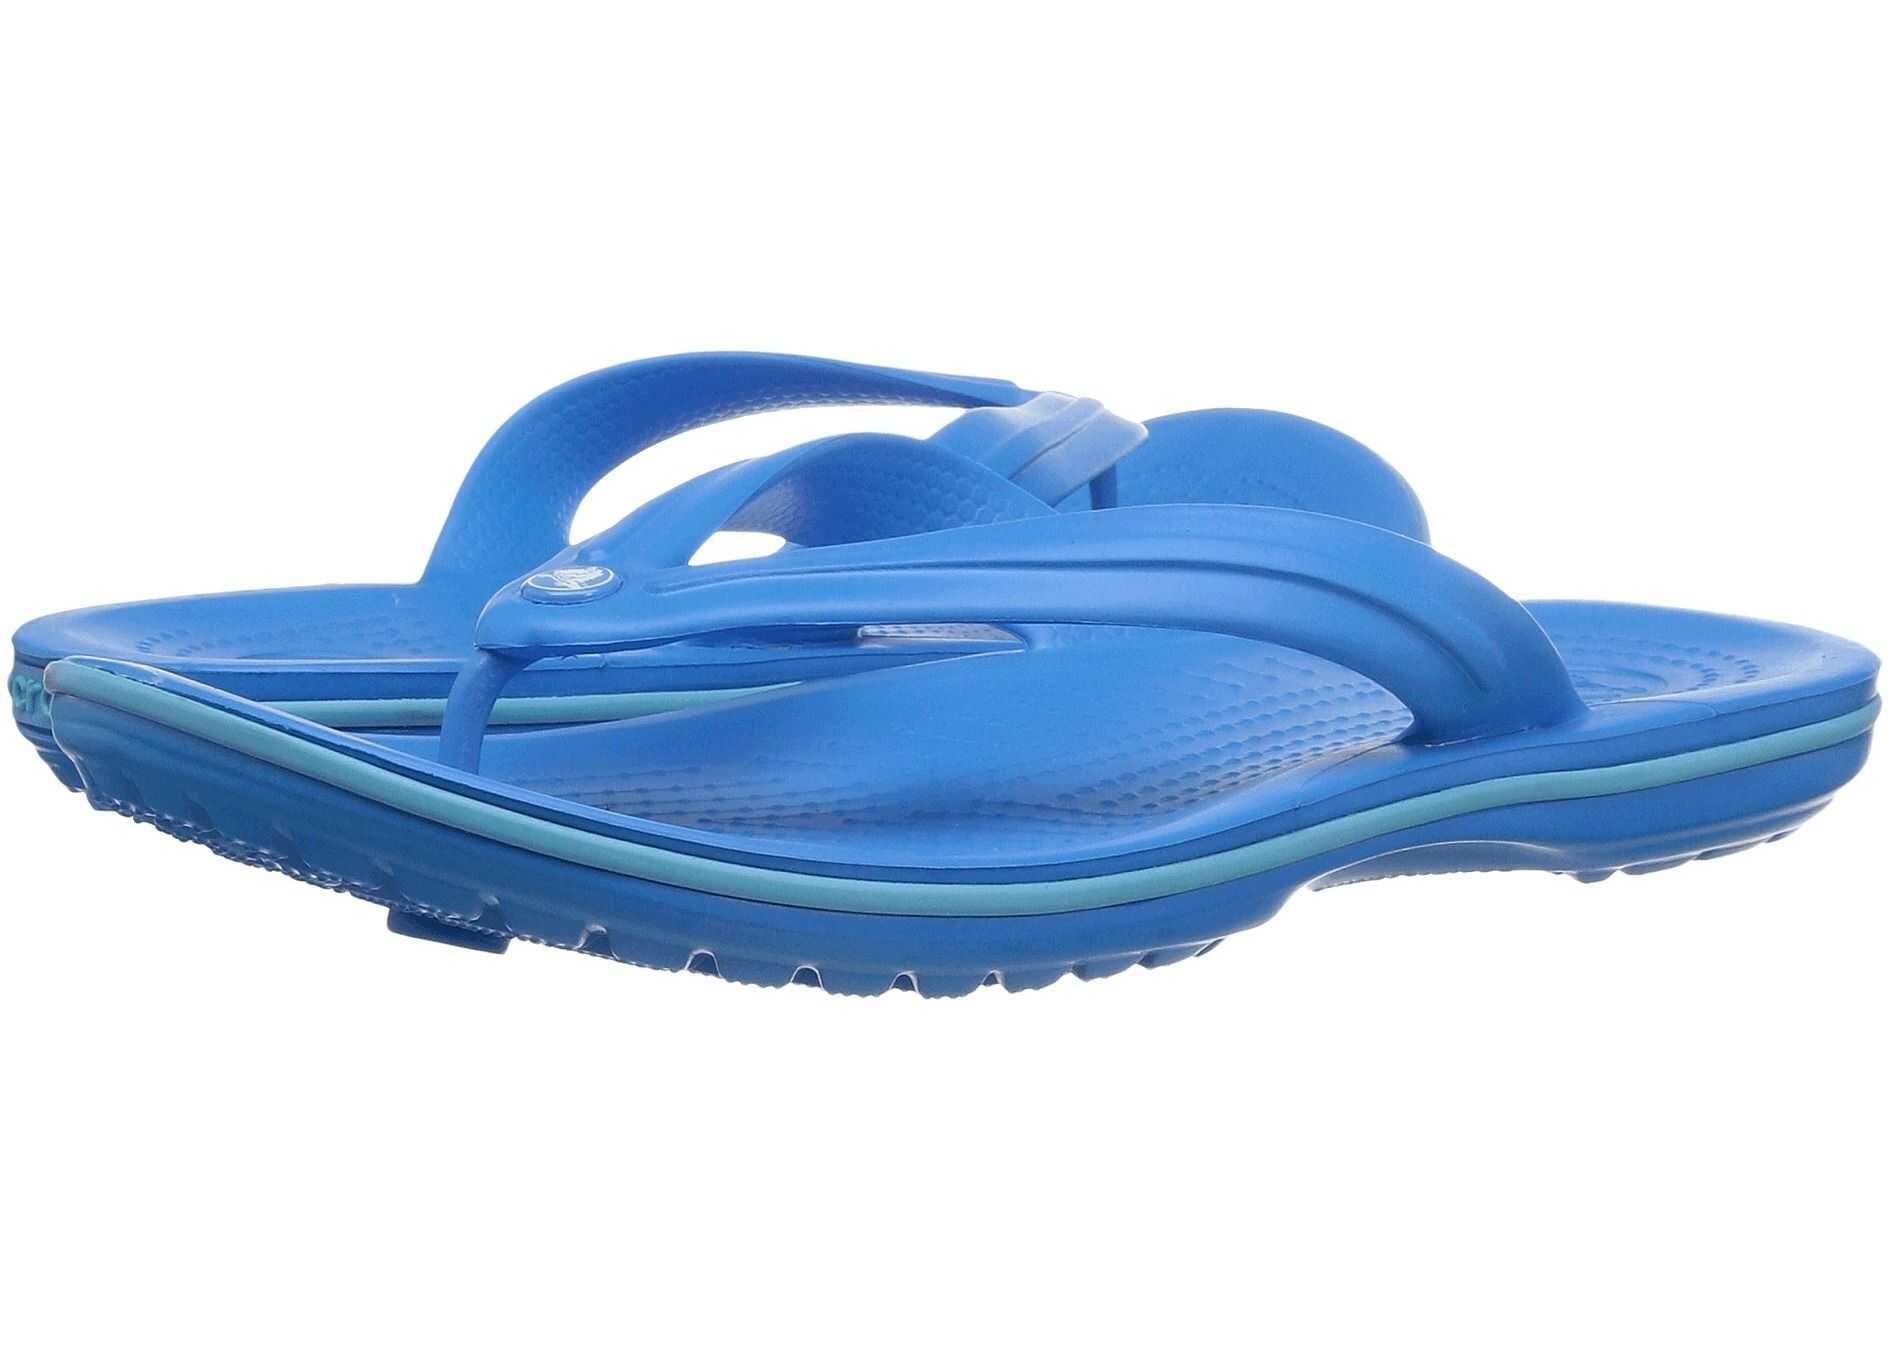 Crocs Crocband Flip Ocean/Electic Blue